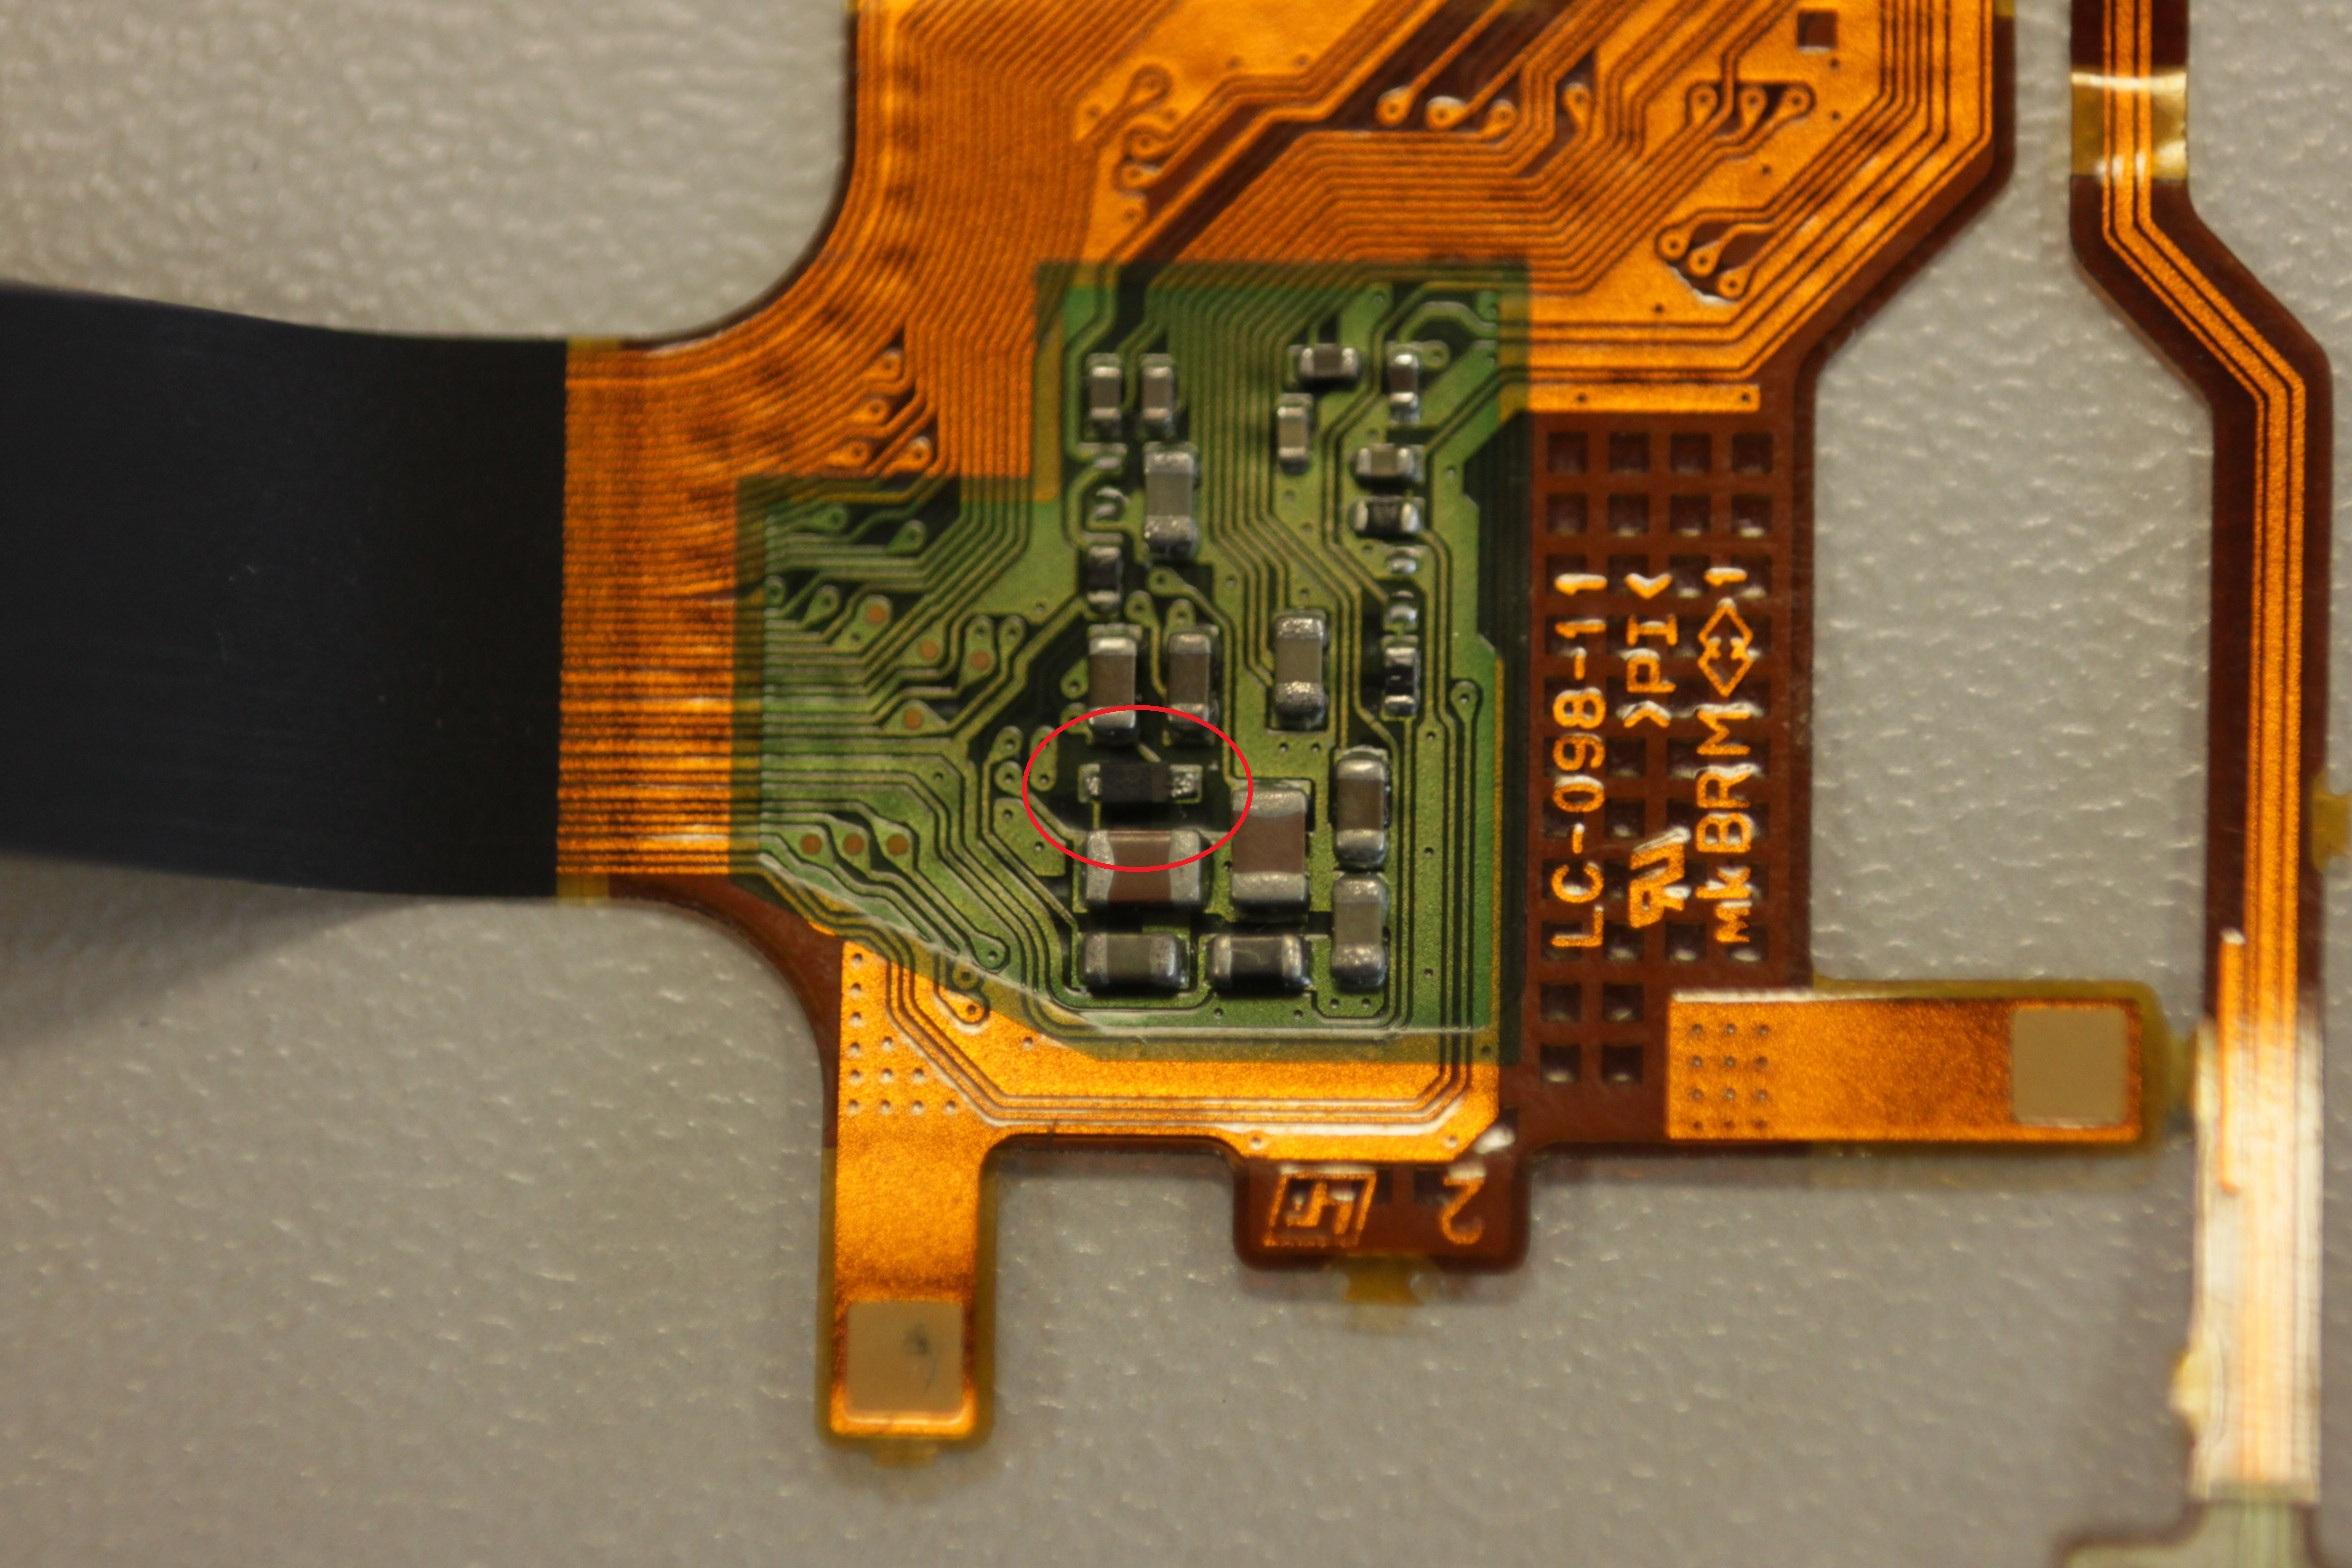 Sony Nex7 - Wyswietlacz nie dziala